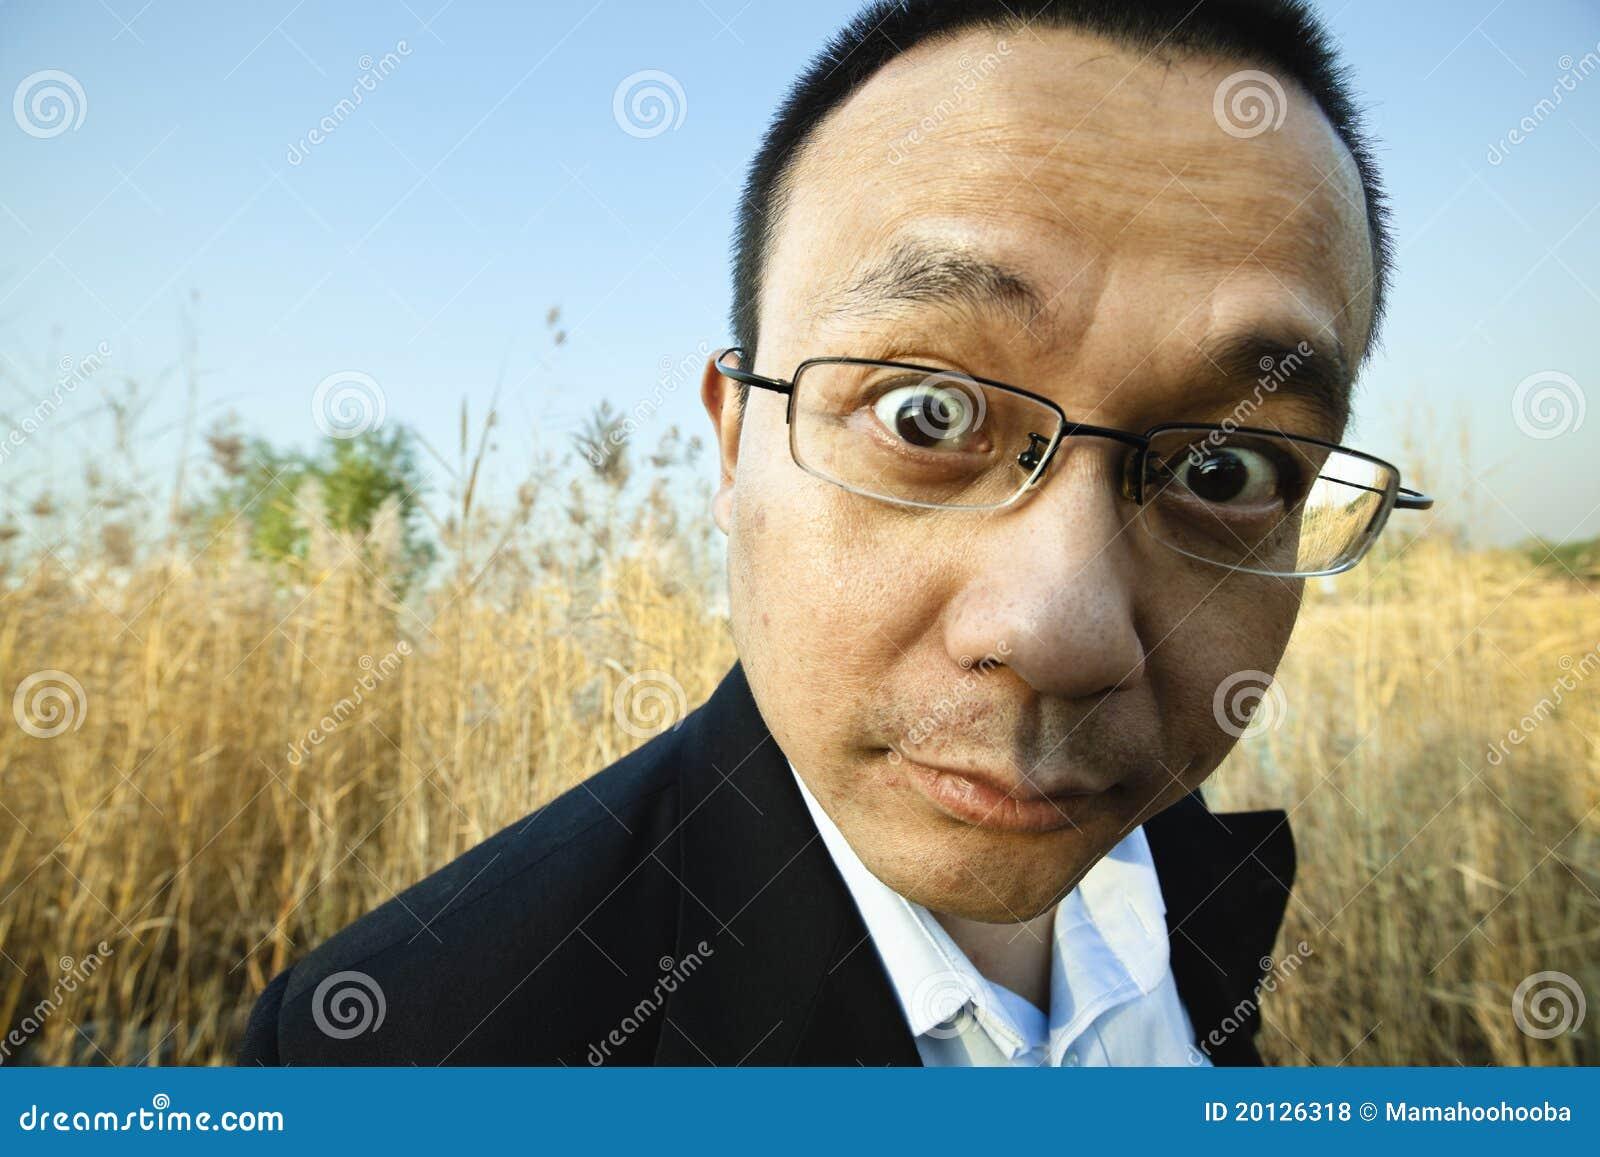 man staring at camera stock photo image of expression